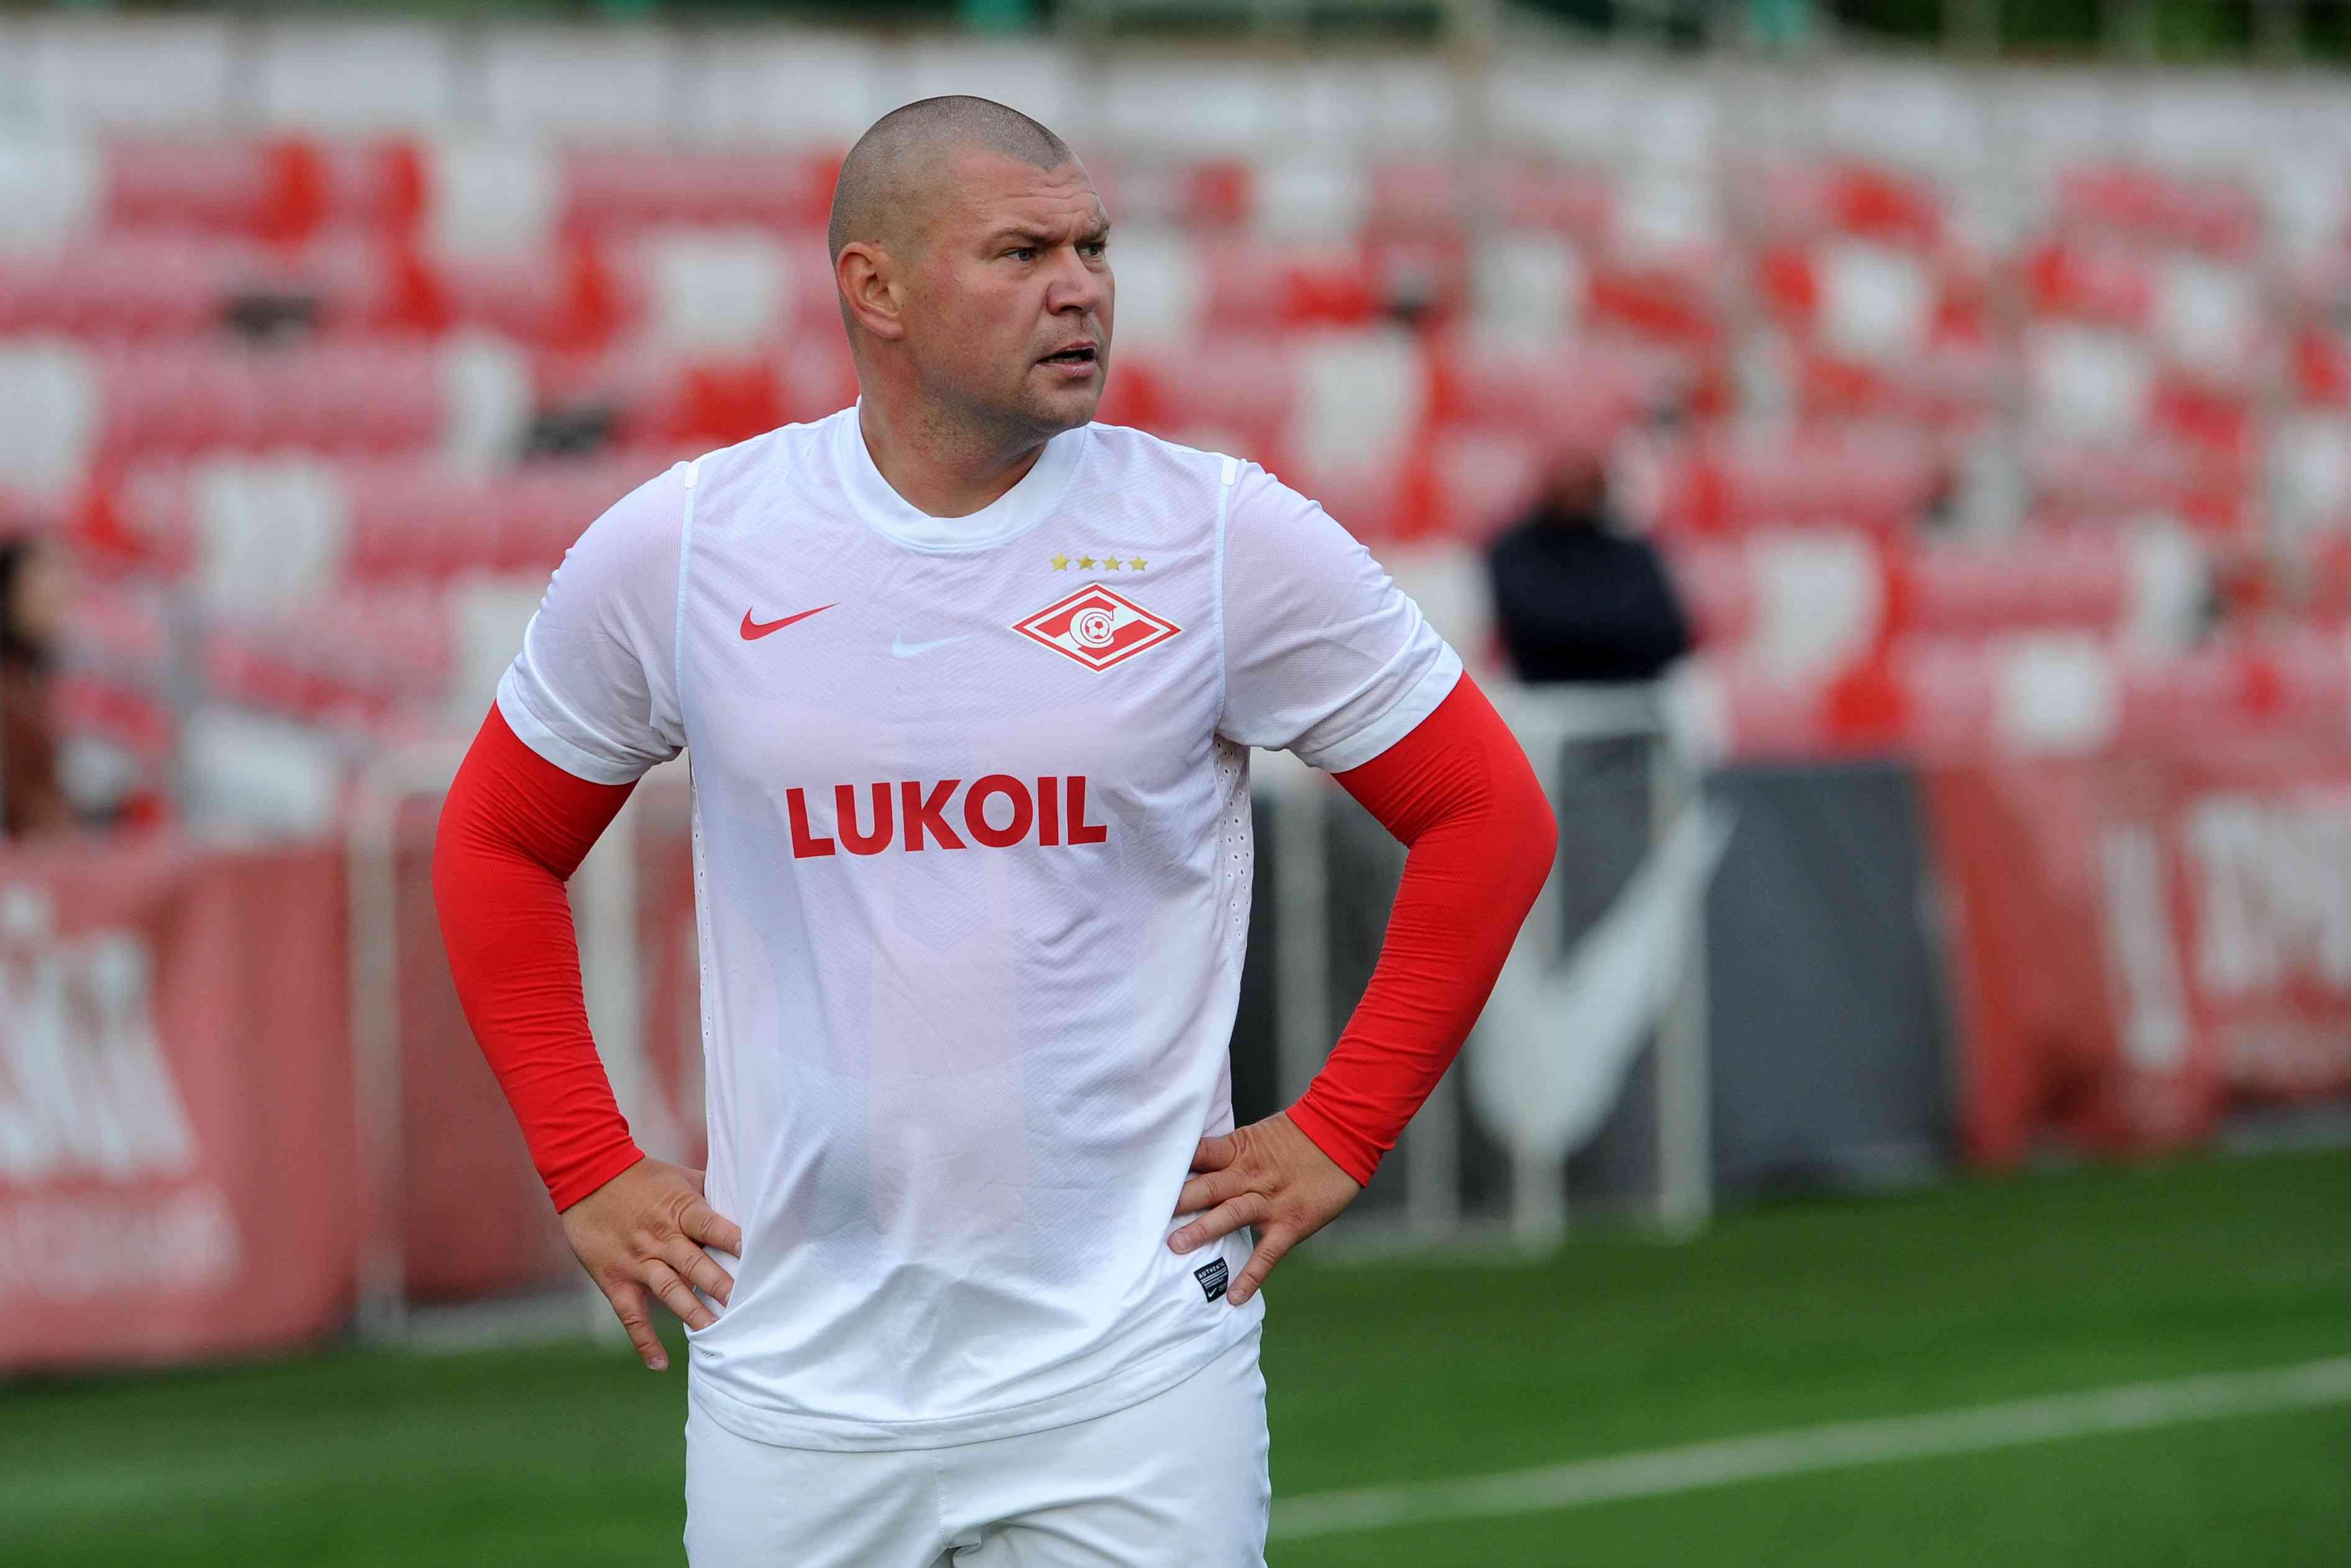 Дмитрий Кудряшов. Фото: sport-express.ru